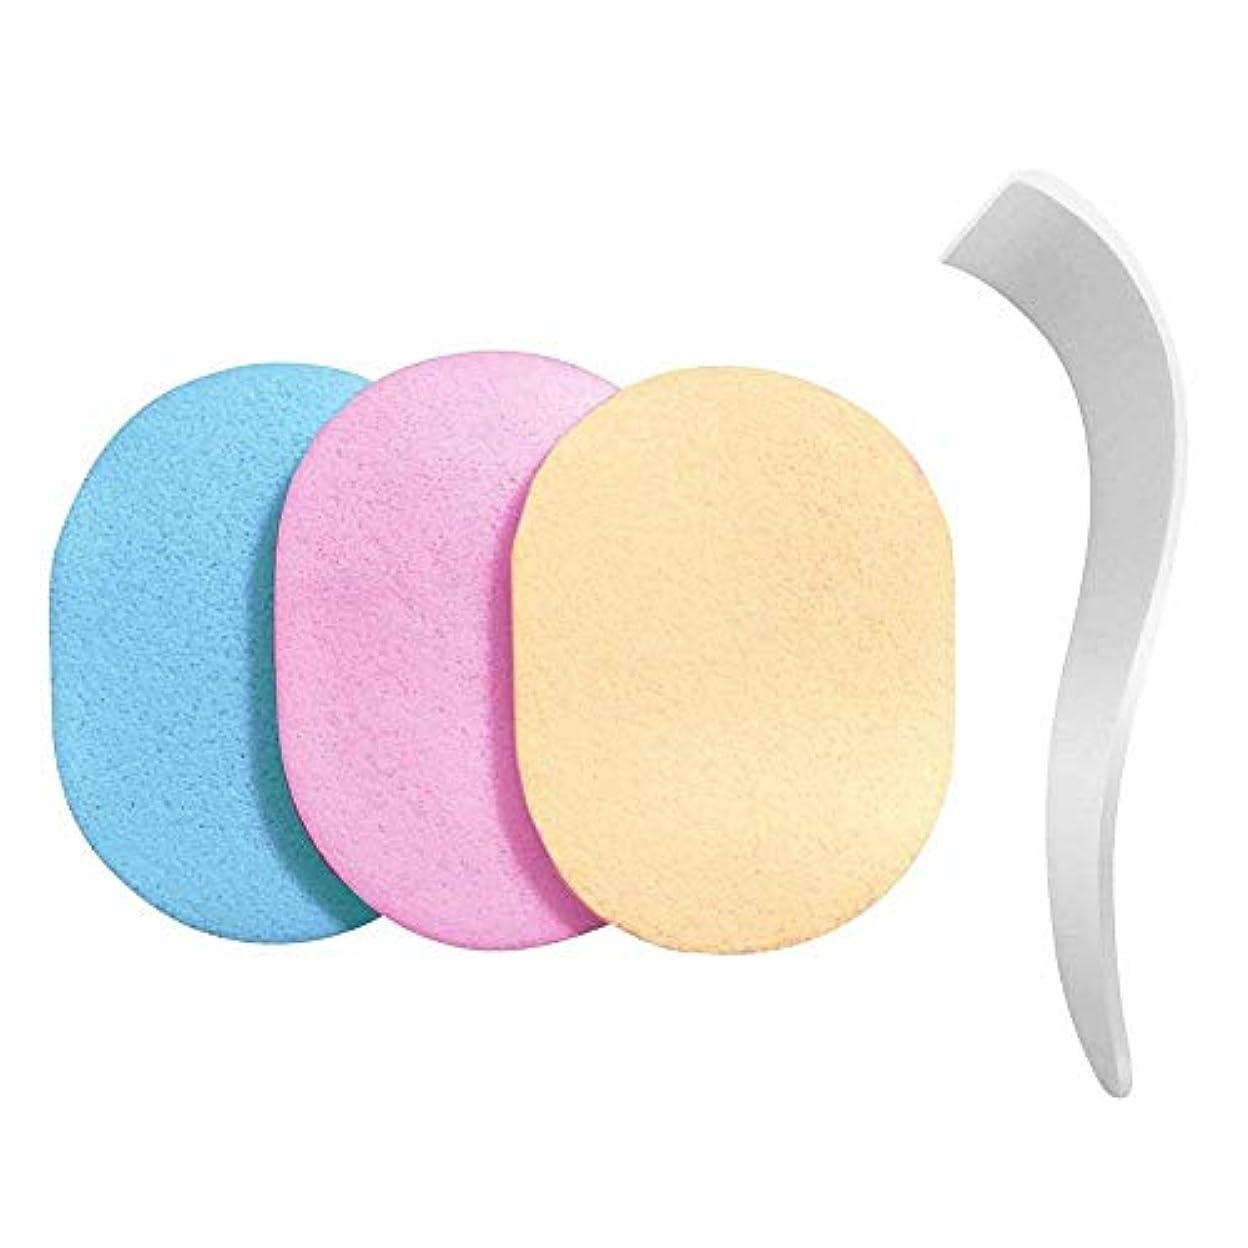 パドルハント市民Simg 専用ヘラ スポンジ 洗って使える 3色セット 除毛クリーム専用 メンズ レディース【除毛用】